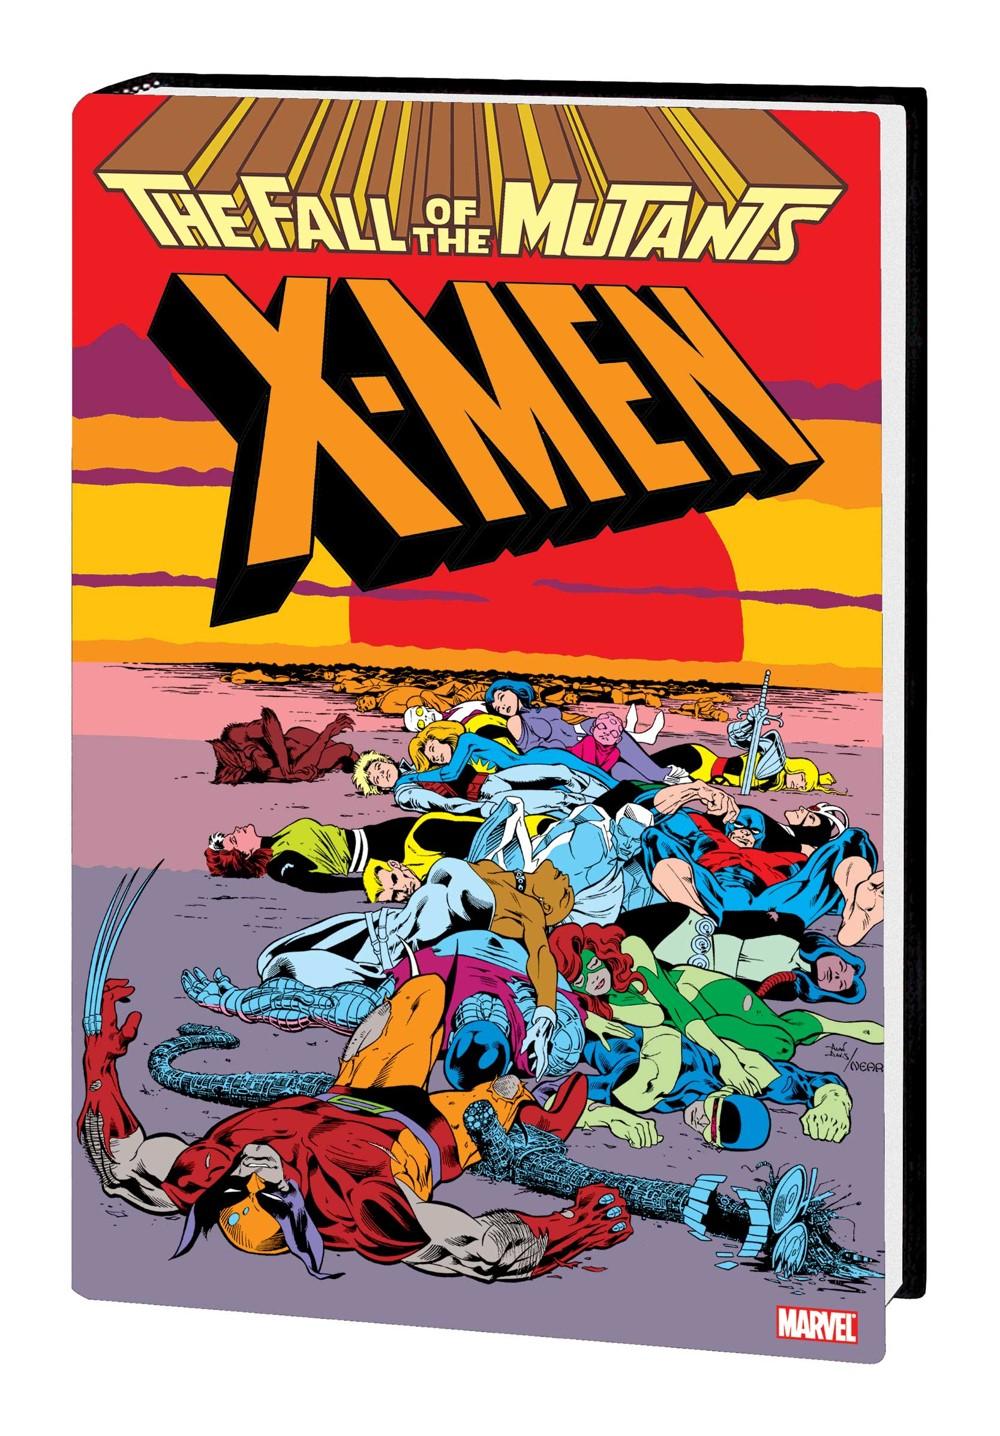 XMFALLOMNIHC_2NDED_dstkt Marvel Comics December 2021 Solicitations